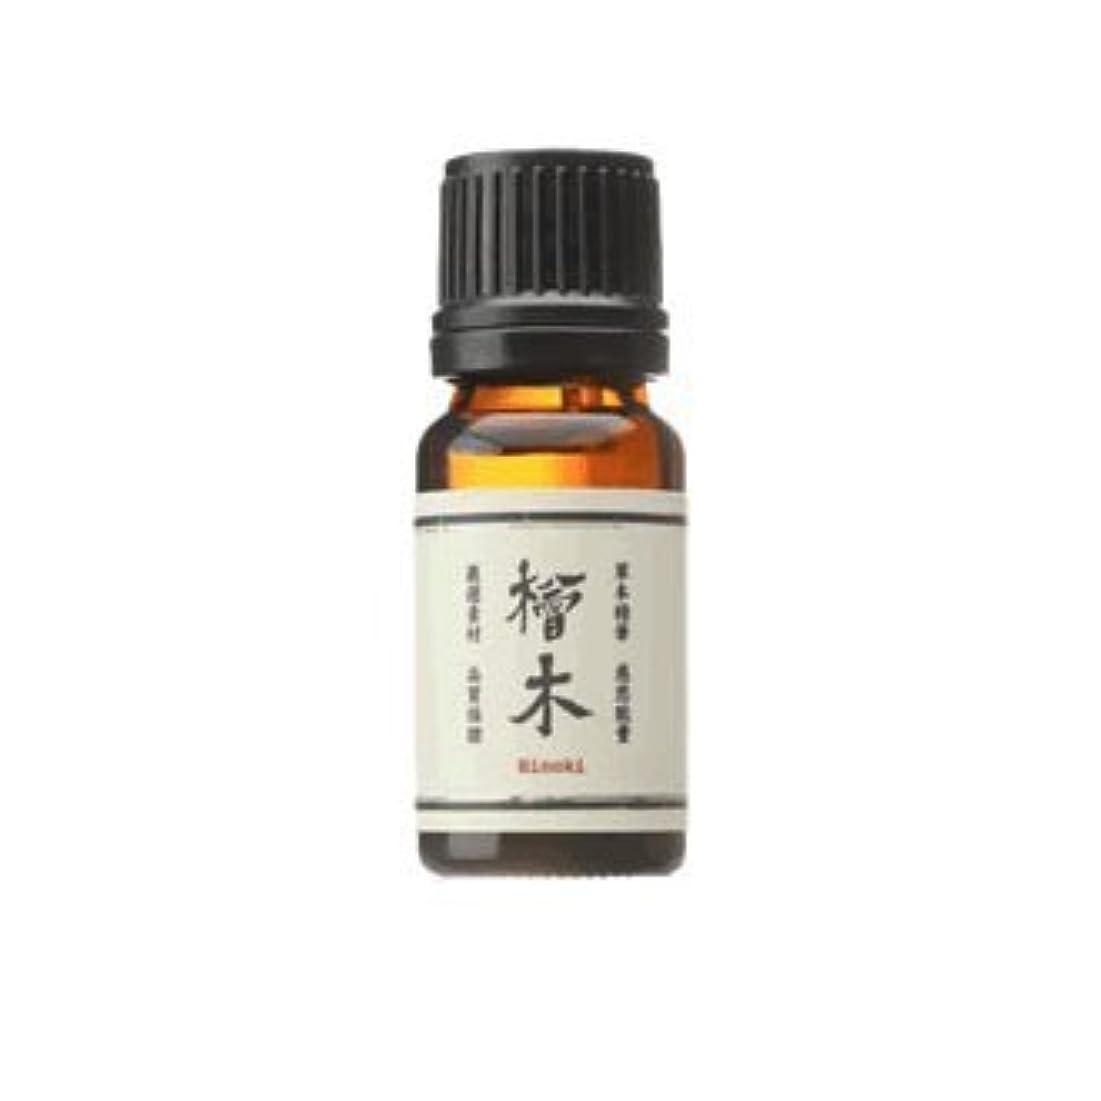 簡単に霜無効にするユアン(YUAN) エッセンシャルオイル アロマオイル ヒノキ 10ml (阿原 ユアン アロマ 精油)